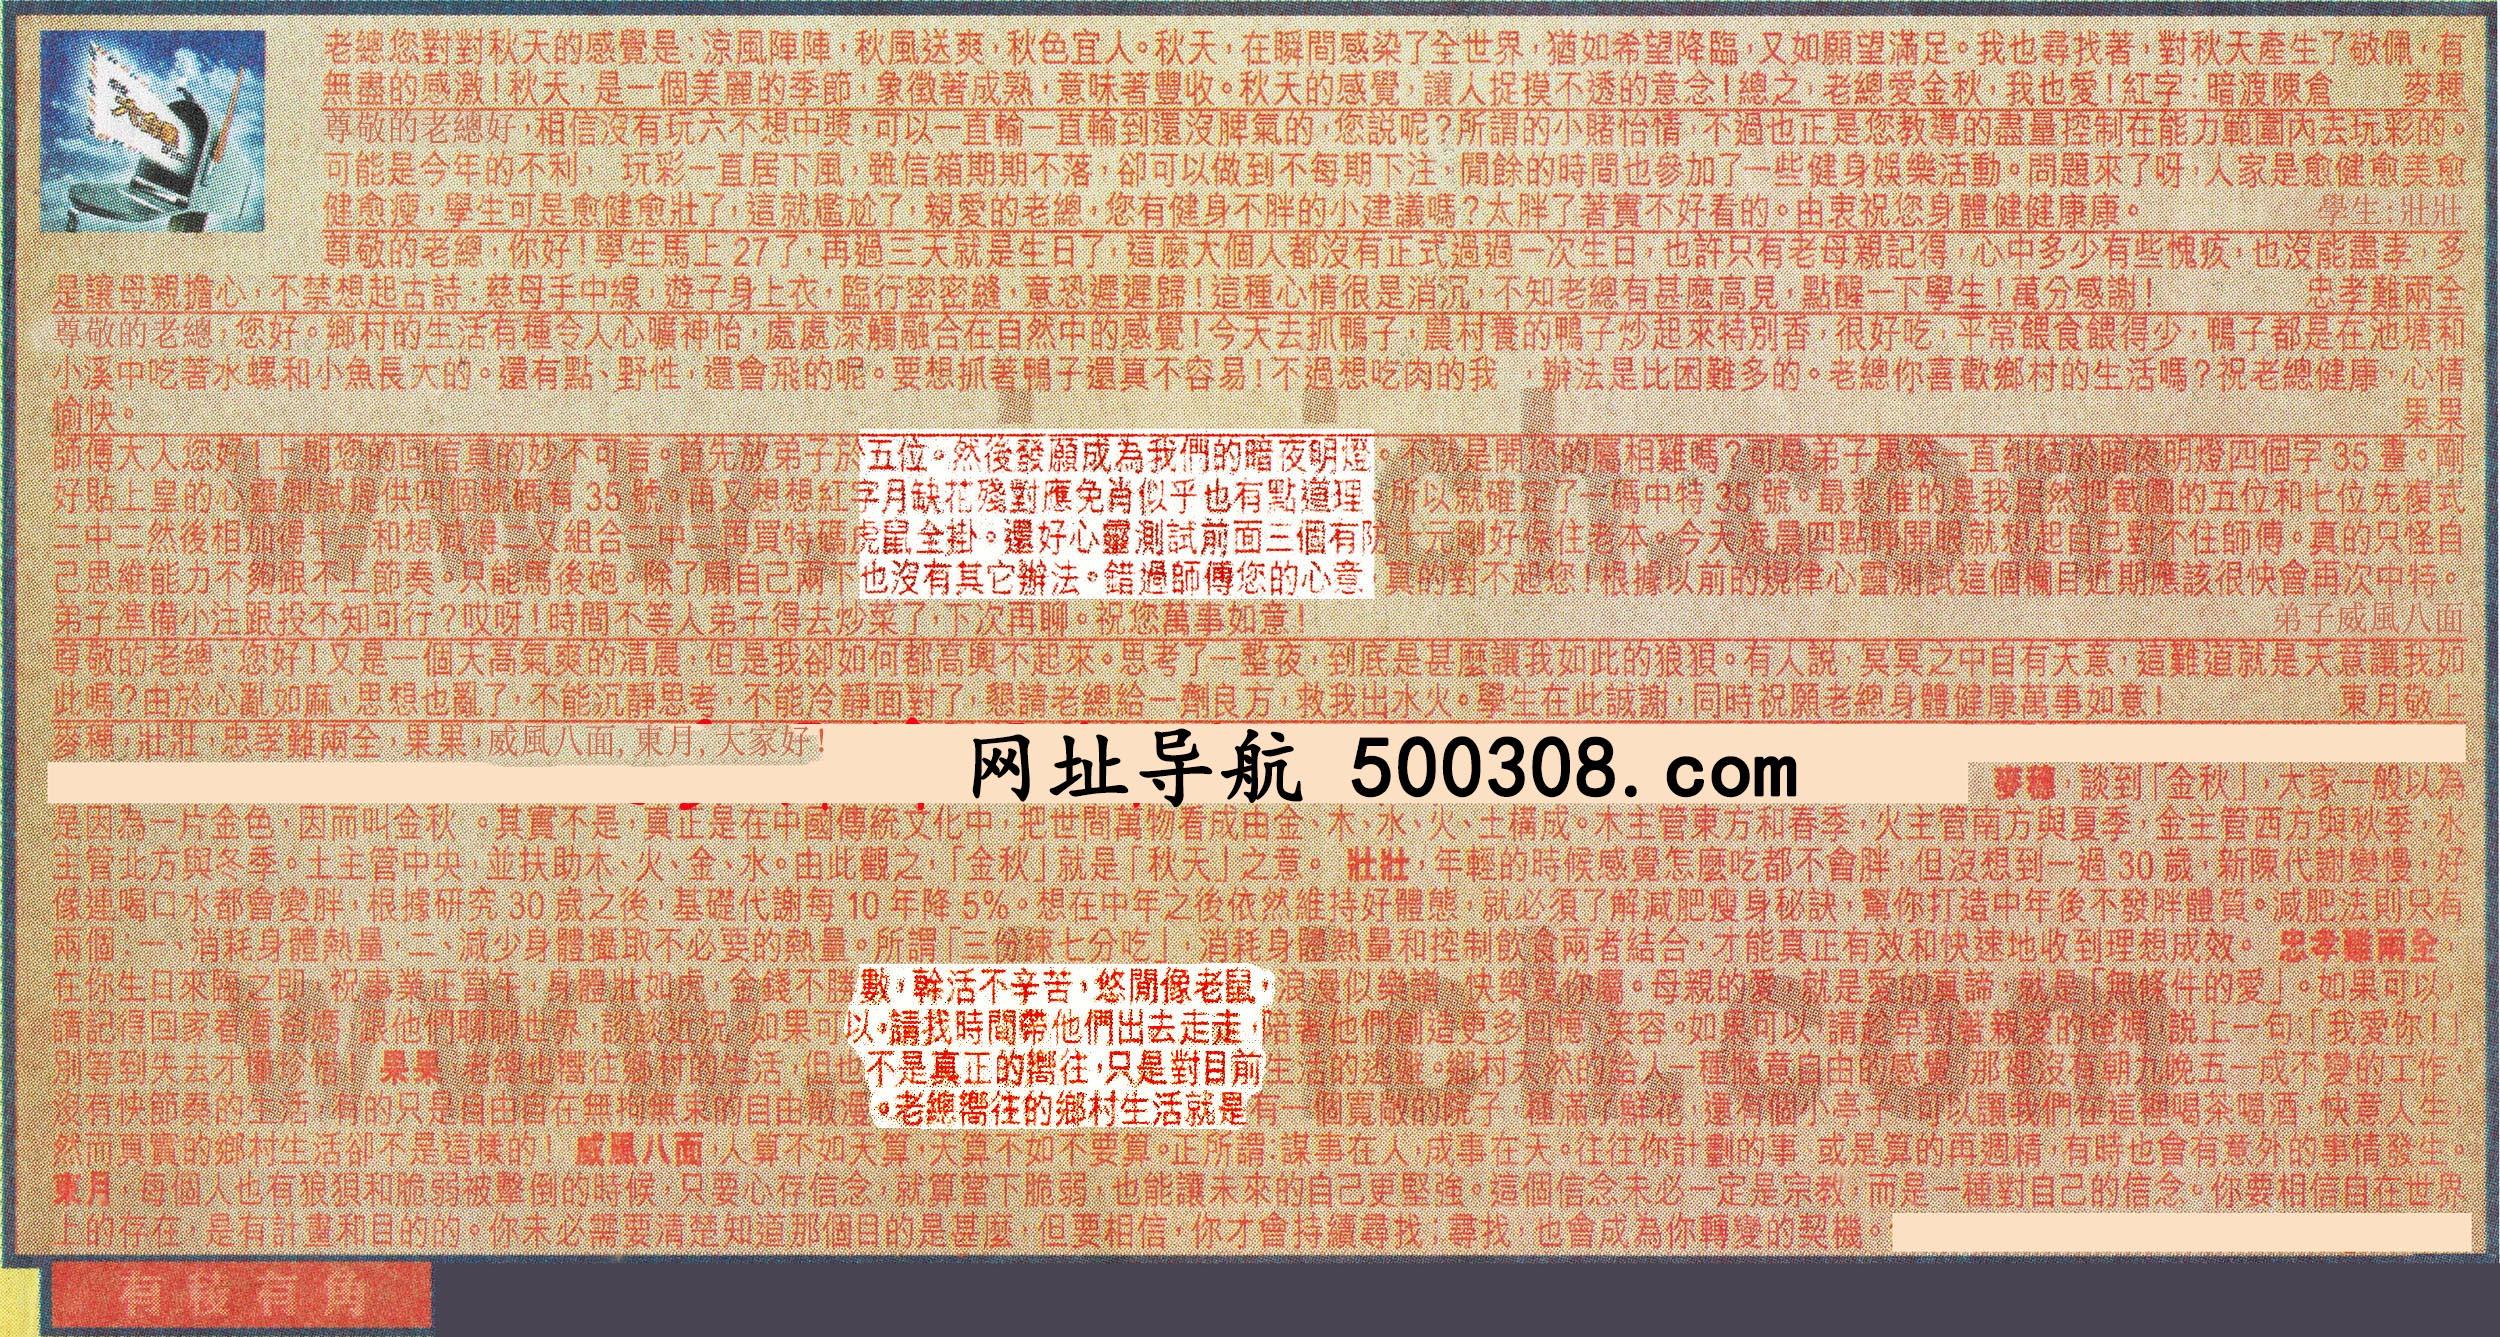 071期:彩民推荐六合皇信箱(�t字:有�有角)_071期开奖结果:26-04-28-31-32-33-T08(马/红/金)